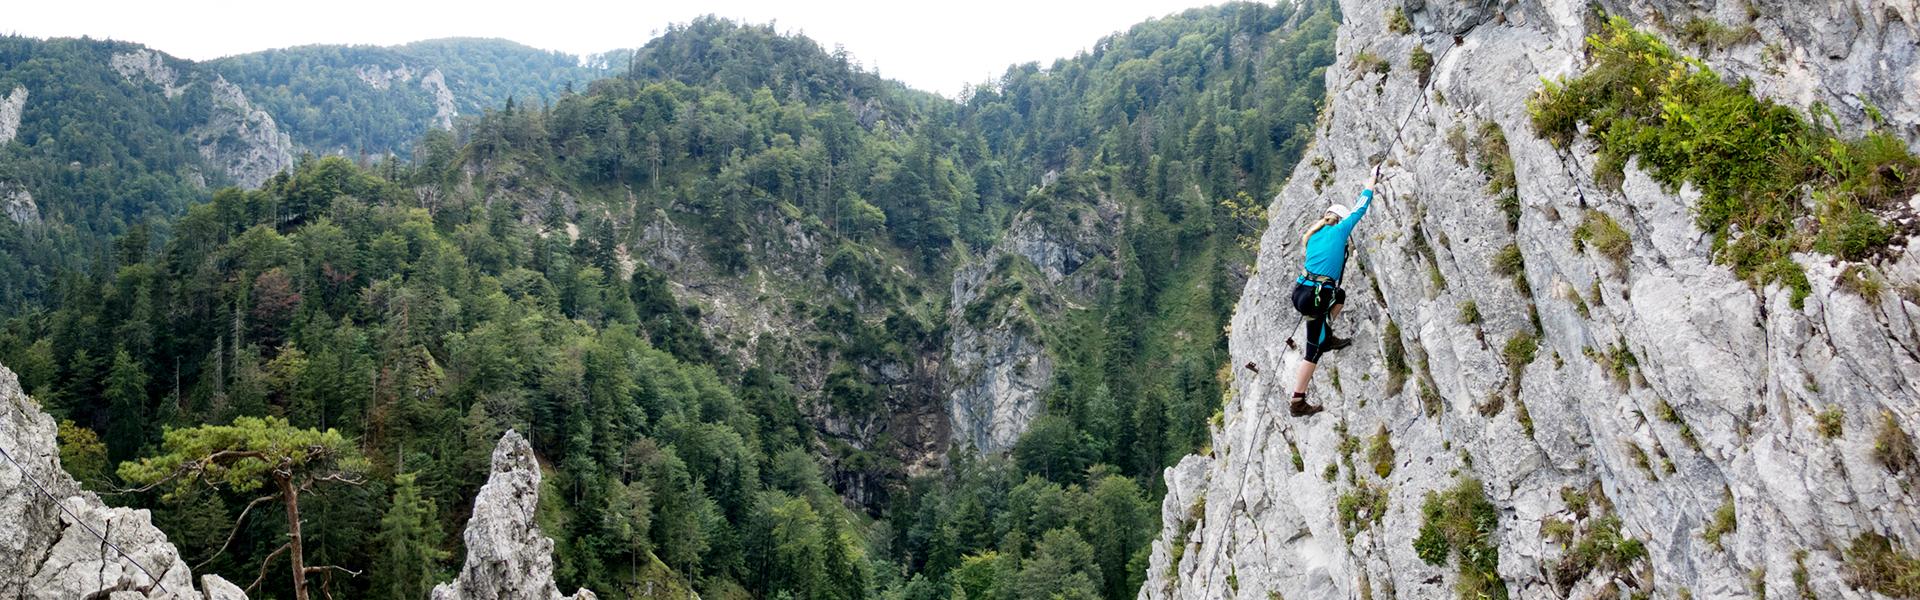 Klettersteiggeherin auf steiler Felswand